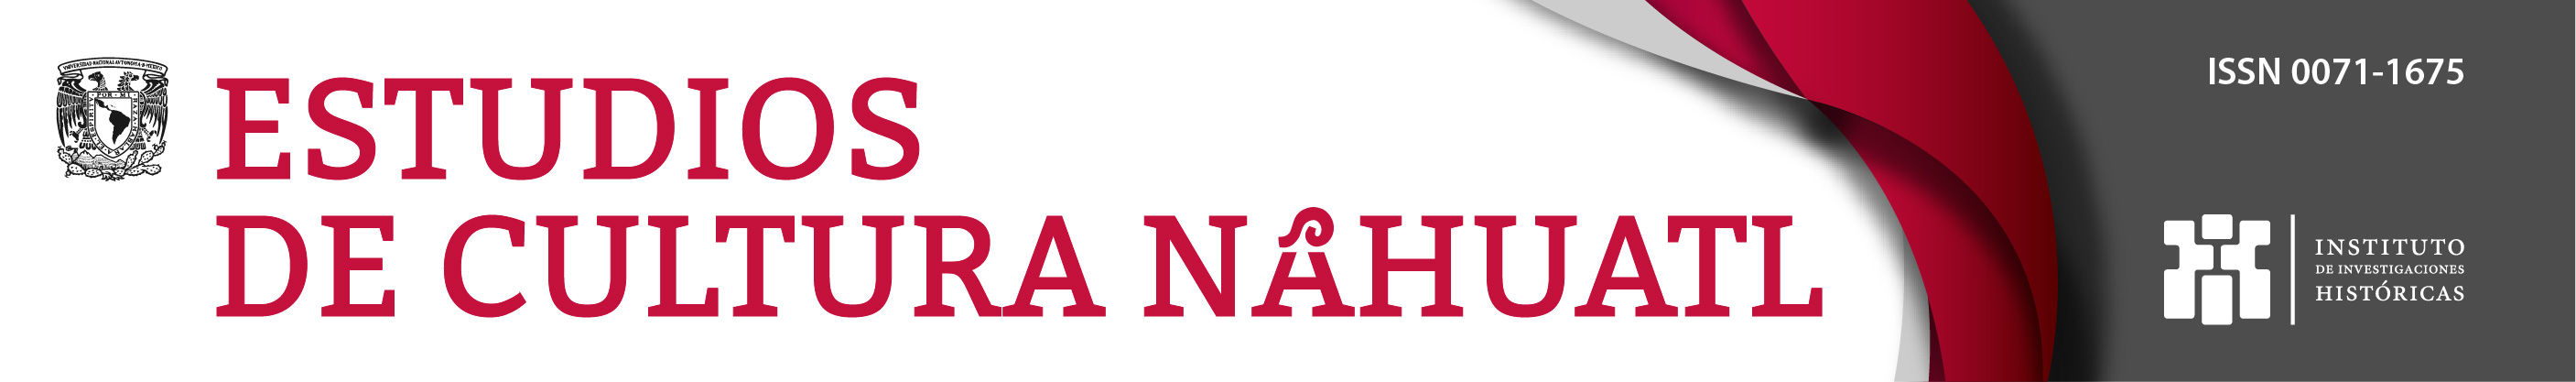 banner de Estudios de Cultura Náhuatl